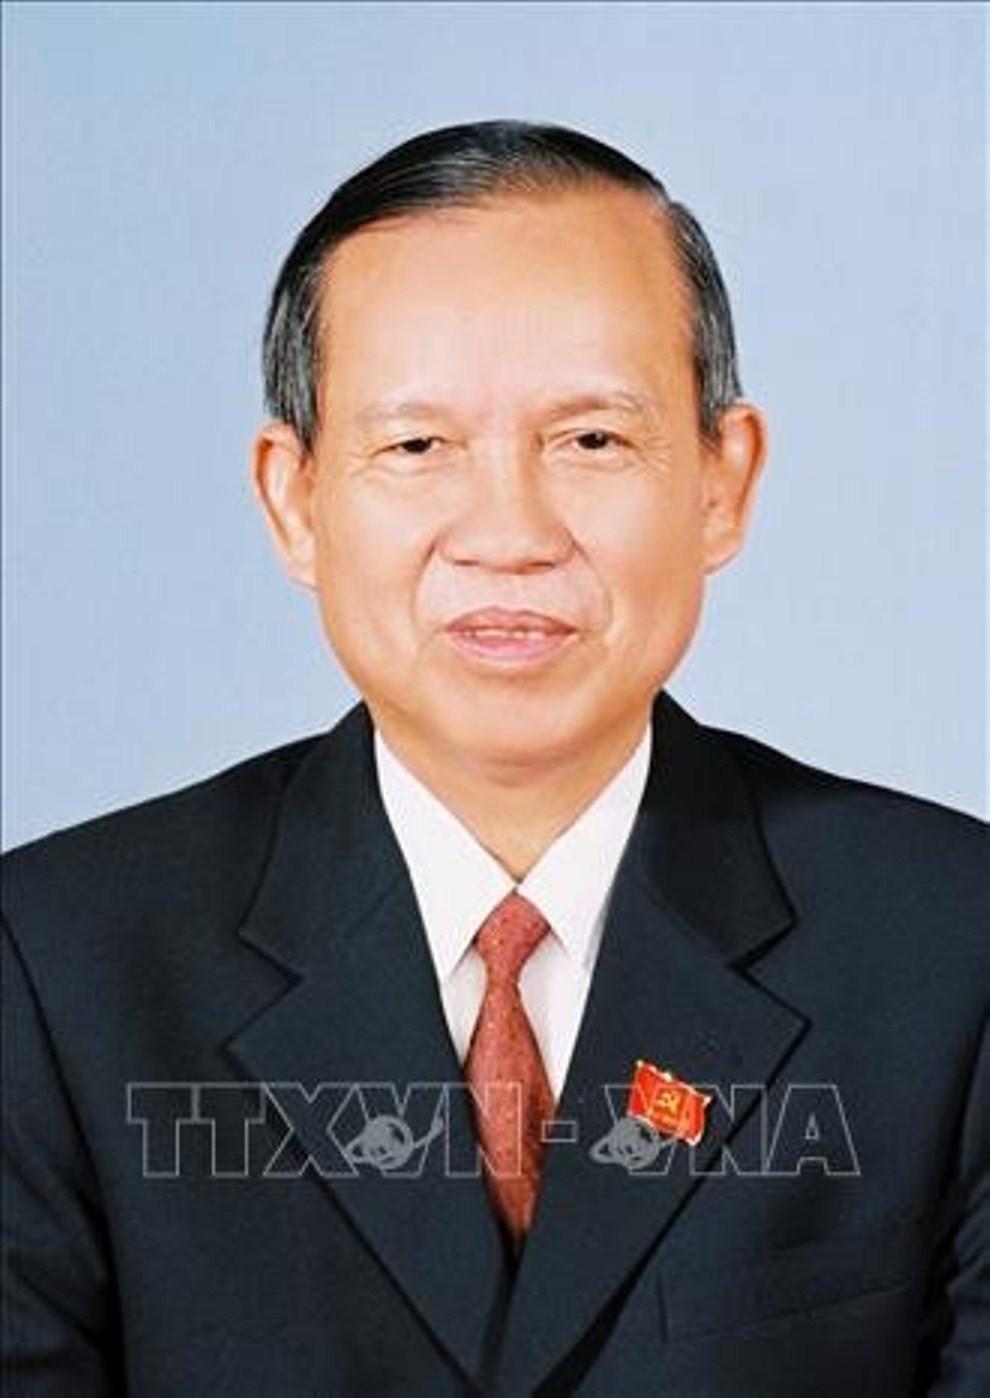 Cuộc đời và sự nghiệp nguyên Phó Thủ tướng Trương Vĩnh Trọng  - 1